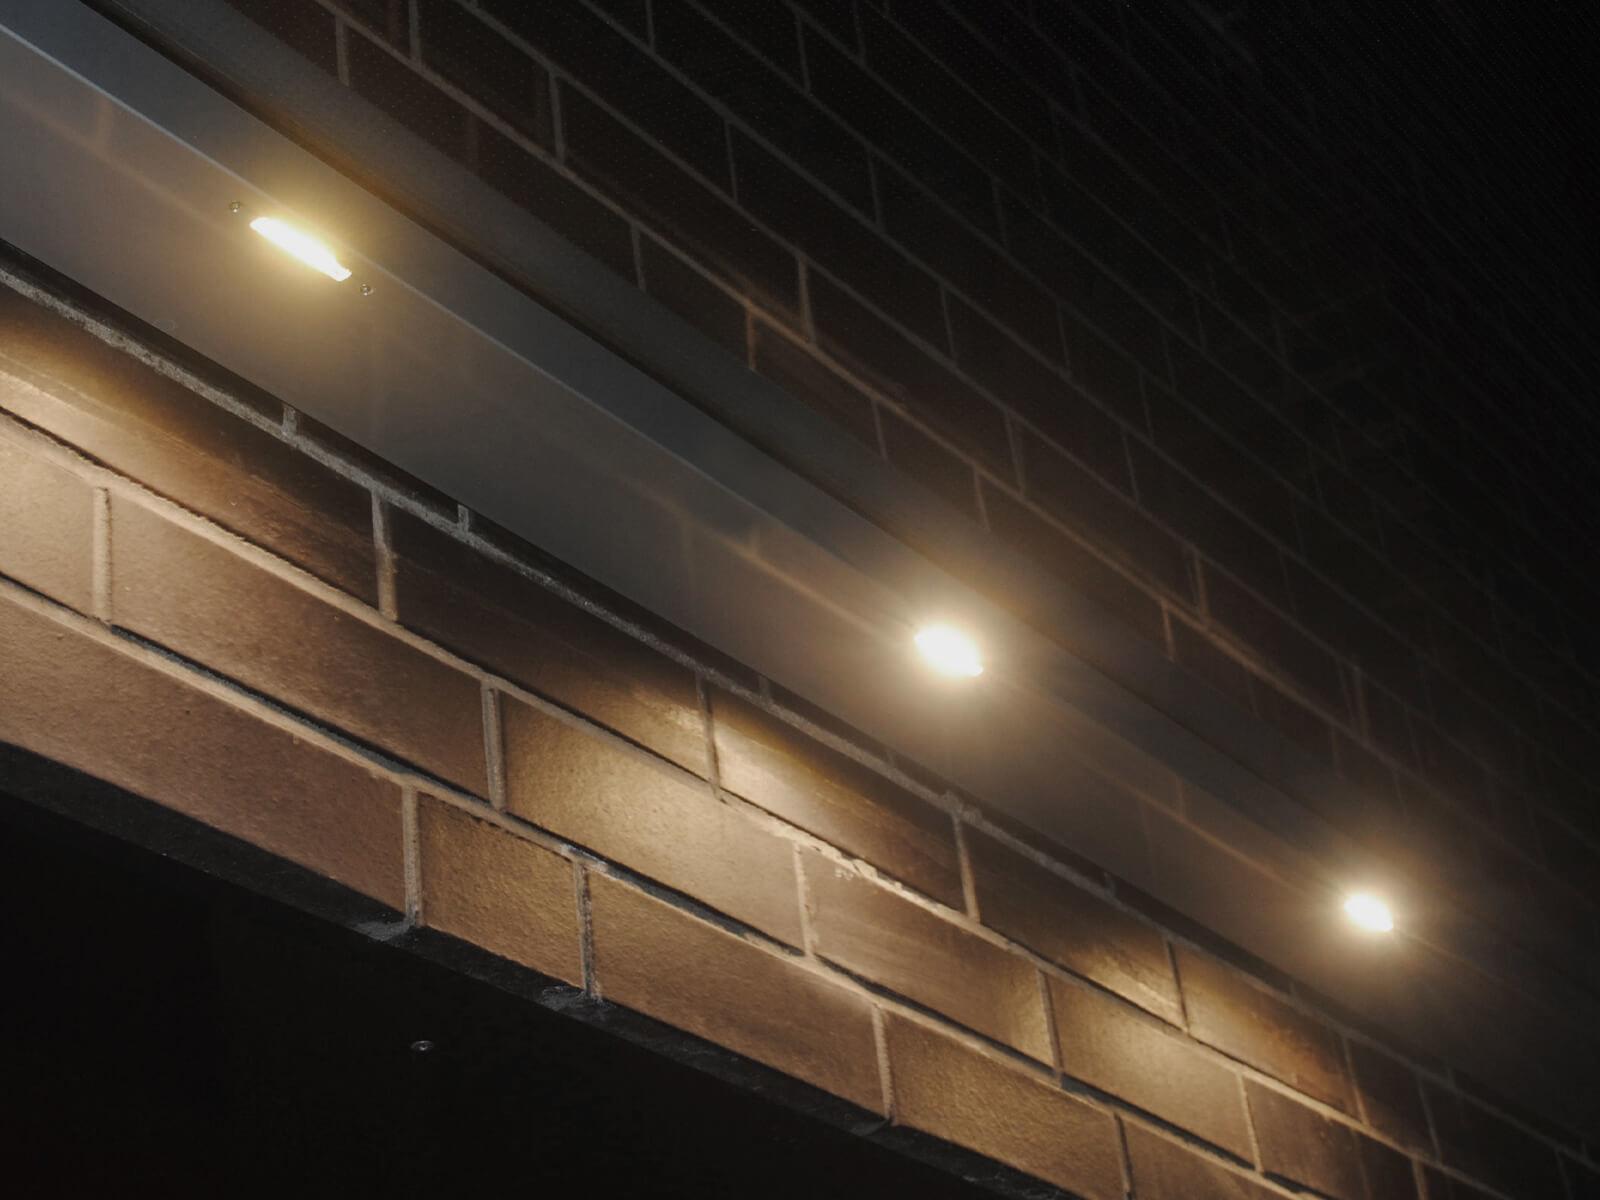 haustür-vordach-mit-beleuchtung